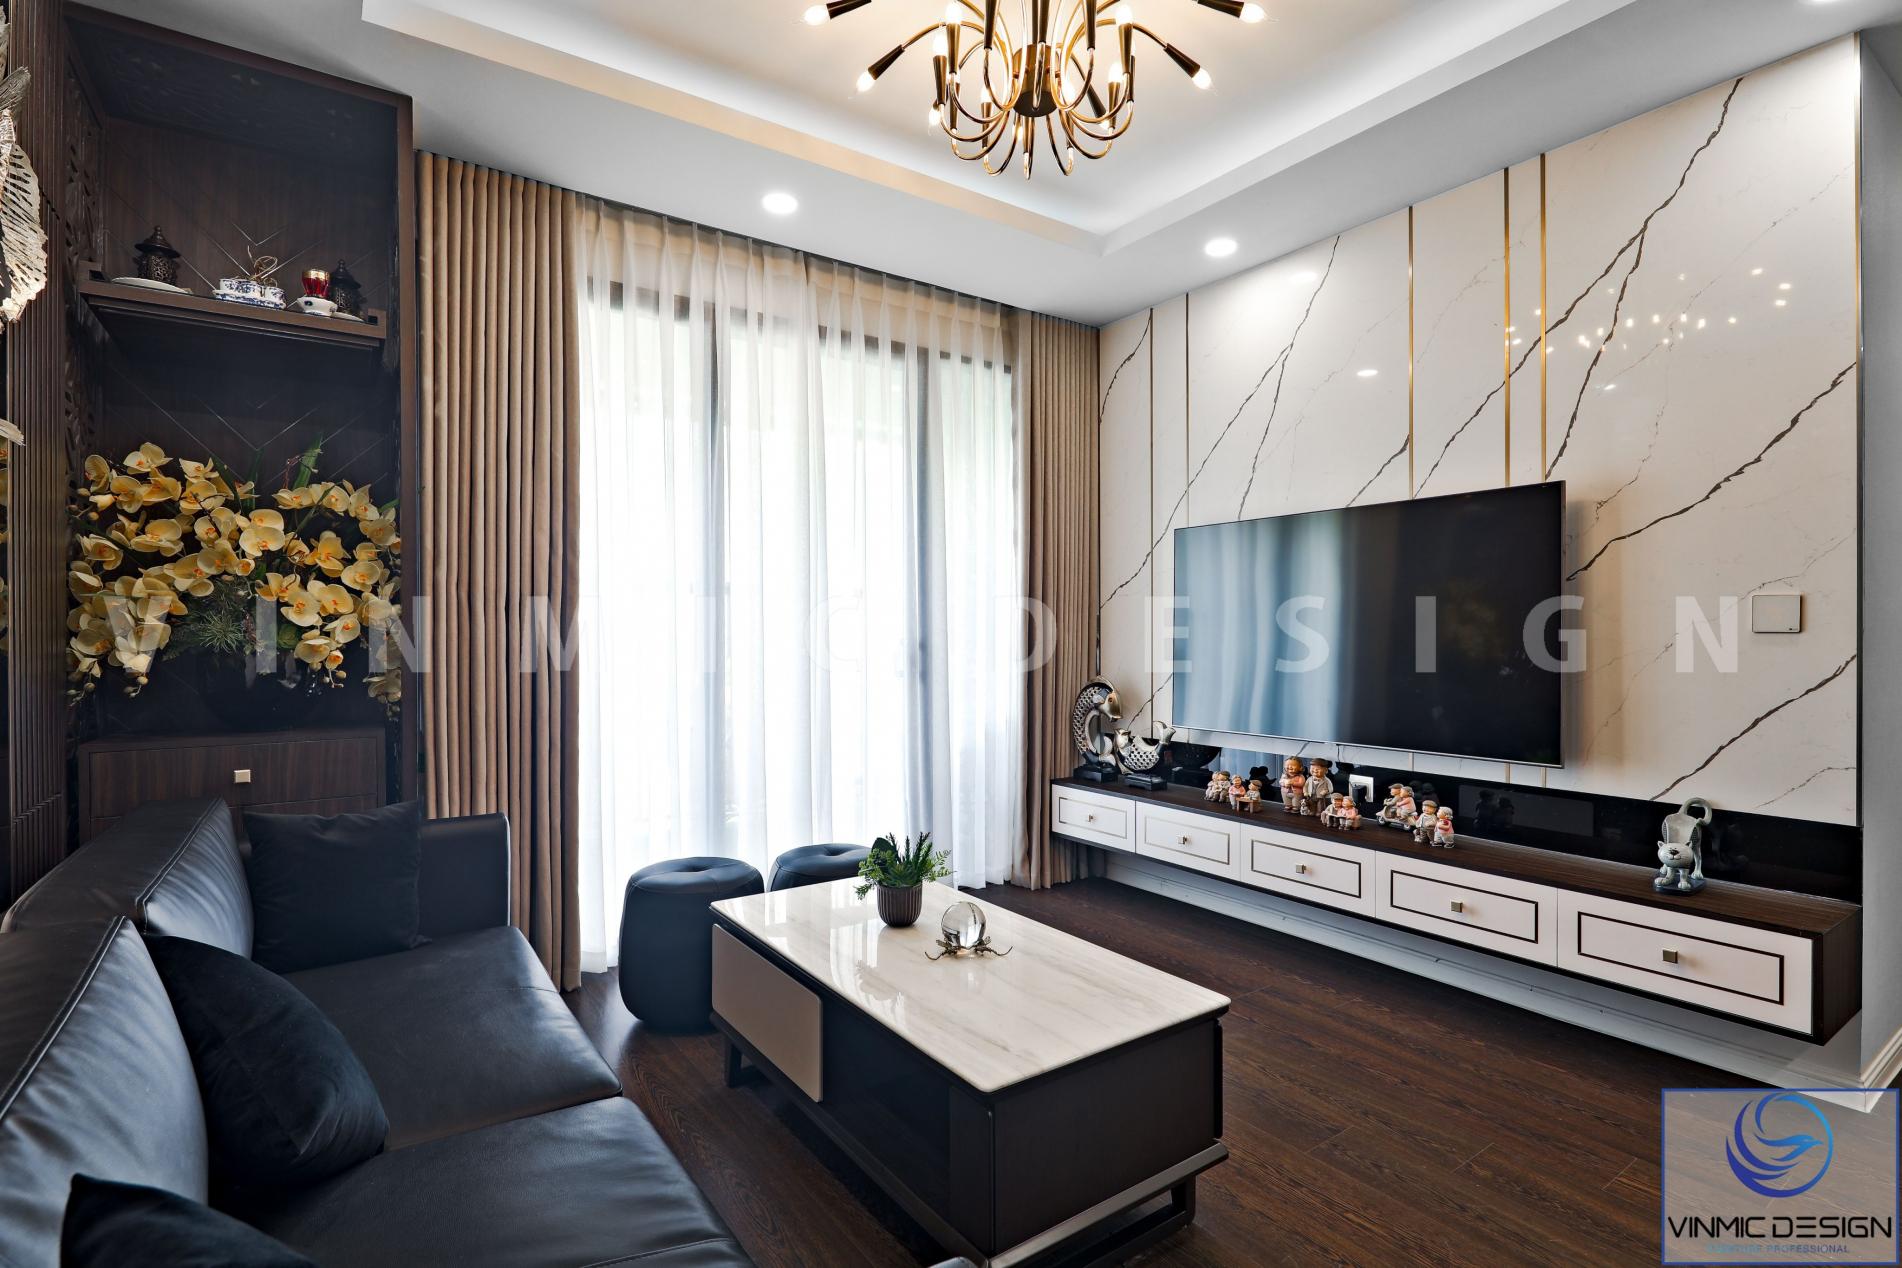 Thi công nội thất đẹp cho căn hộ tại Imperia Sky Garden